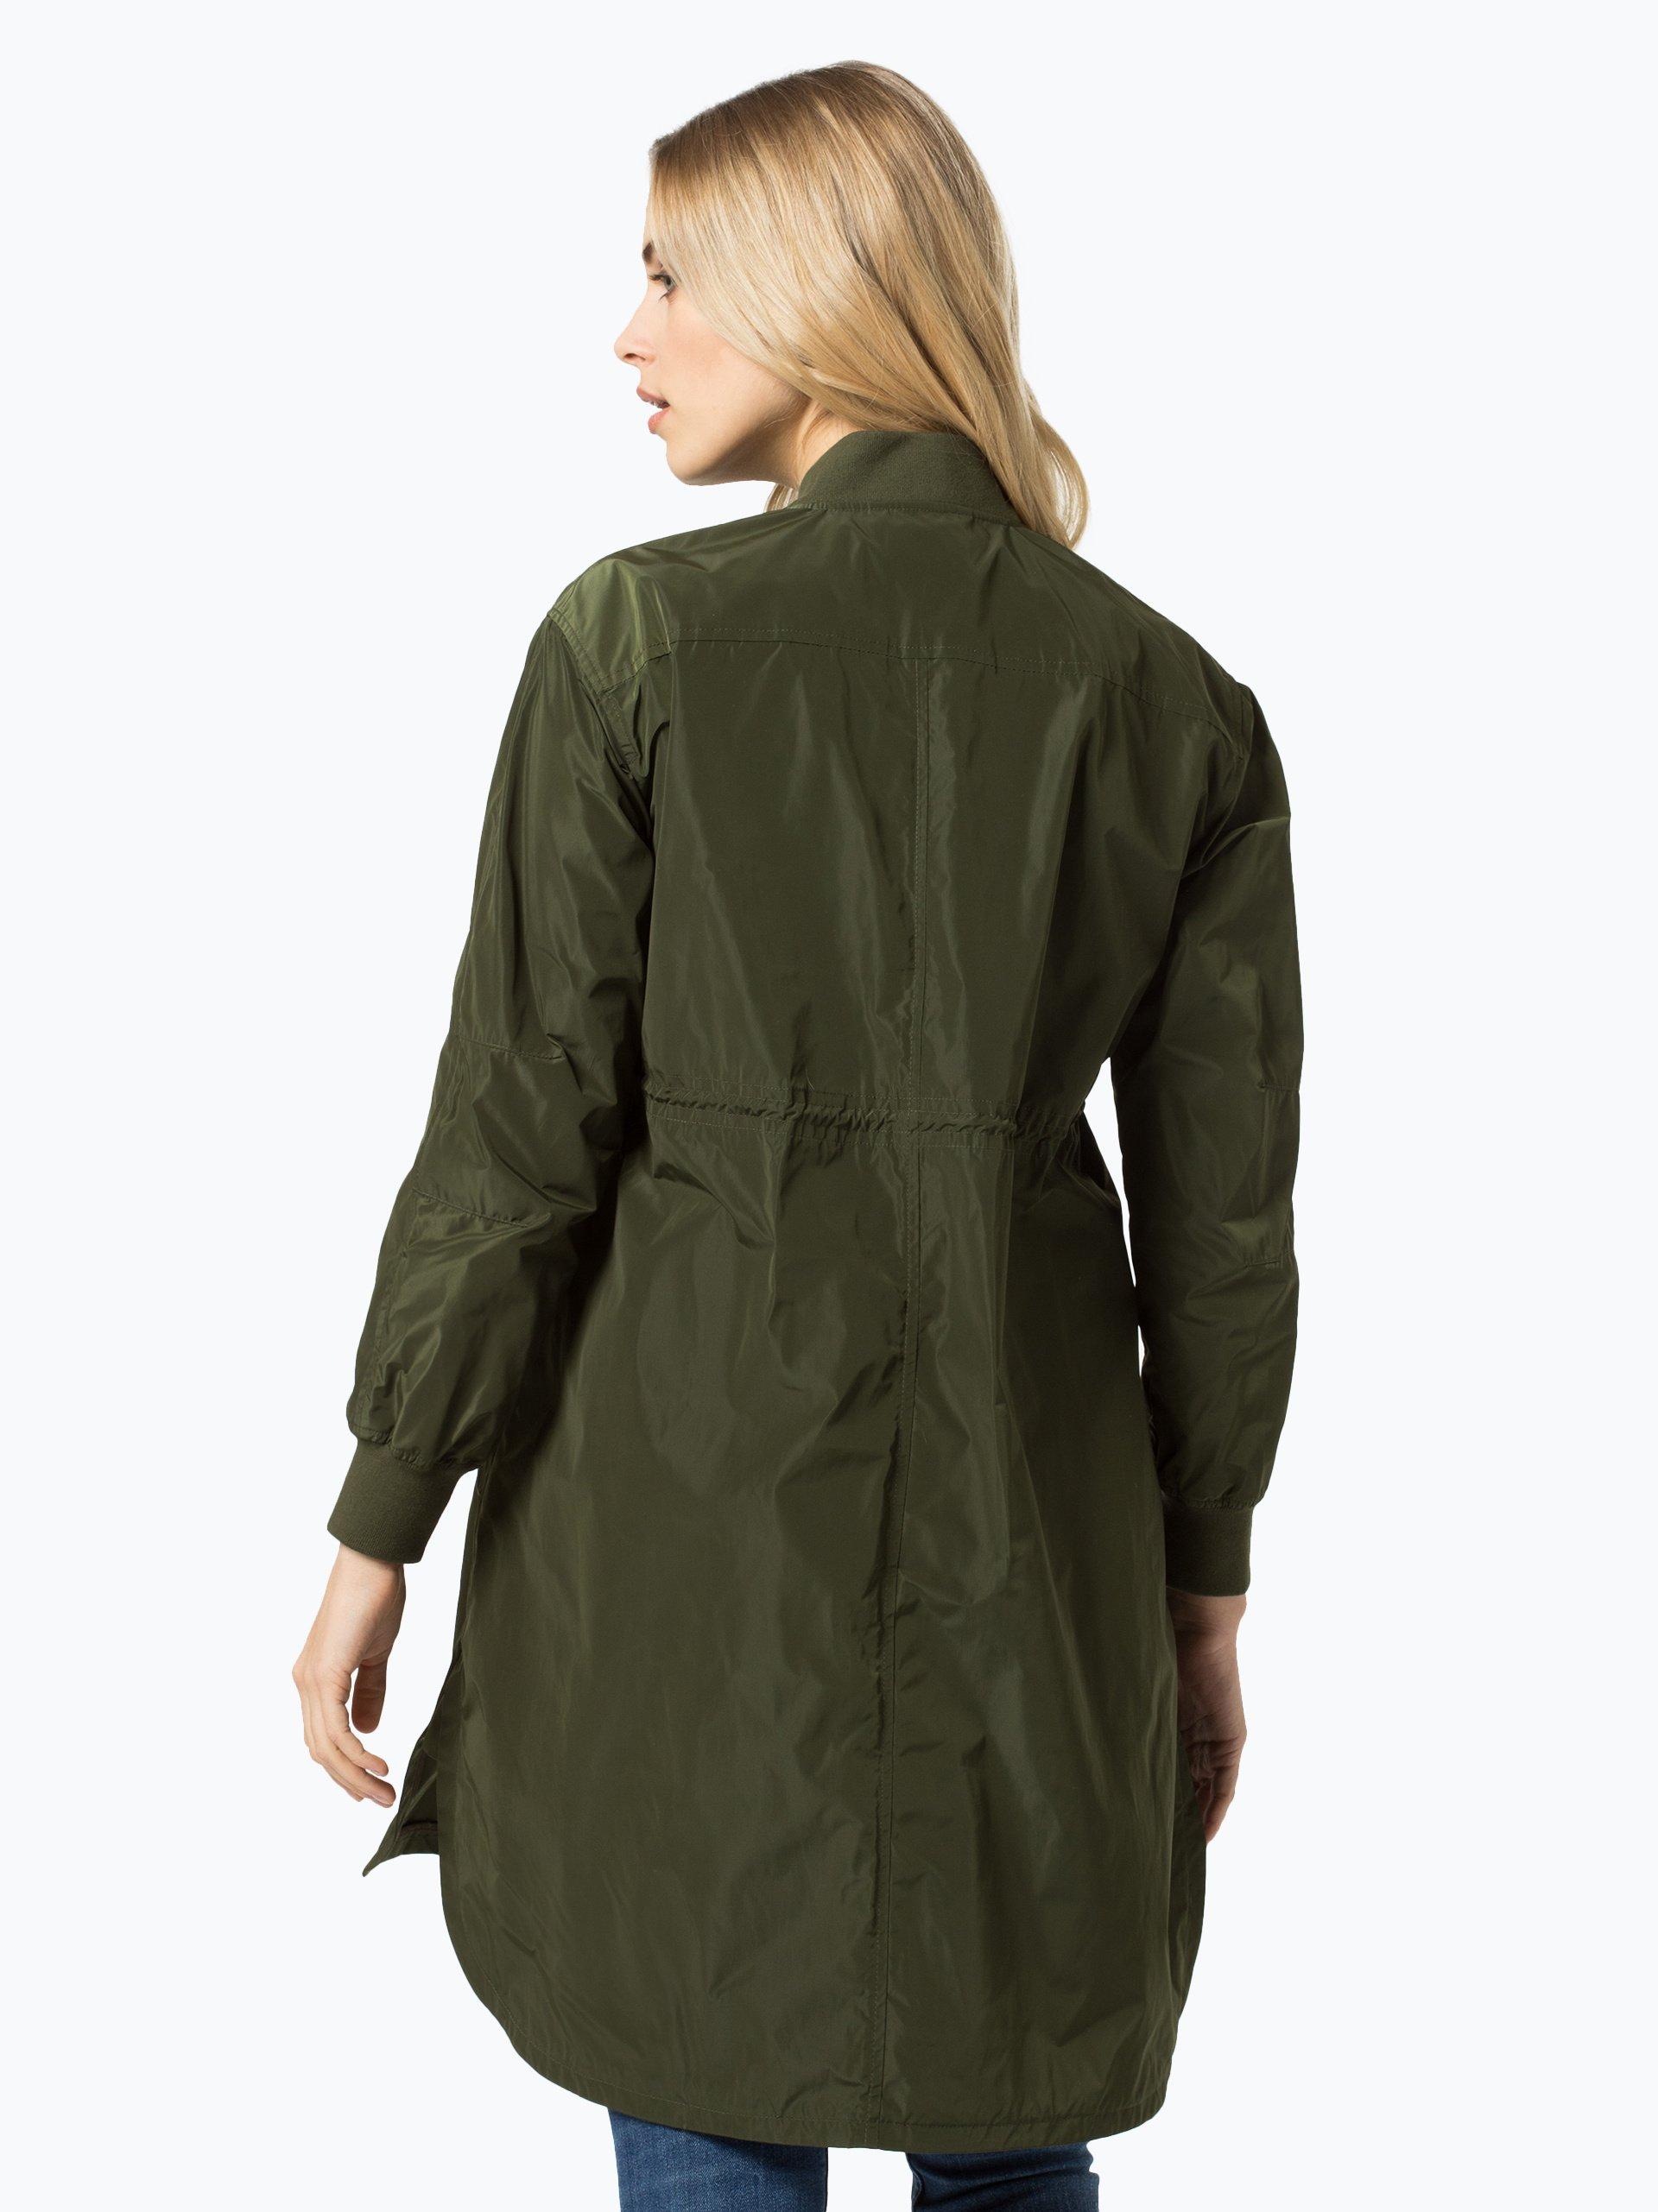 tommy hilfiger damen mantel immy oliv uni online kaufen. Black Bedroom Furniture Sets. Home Design Ideas